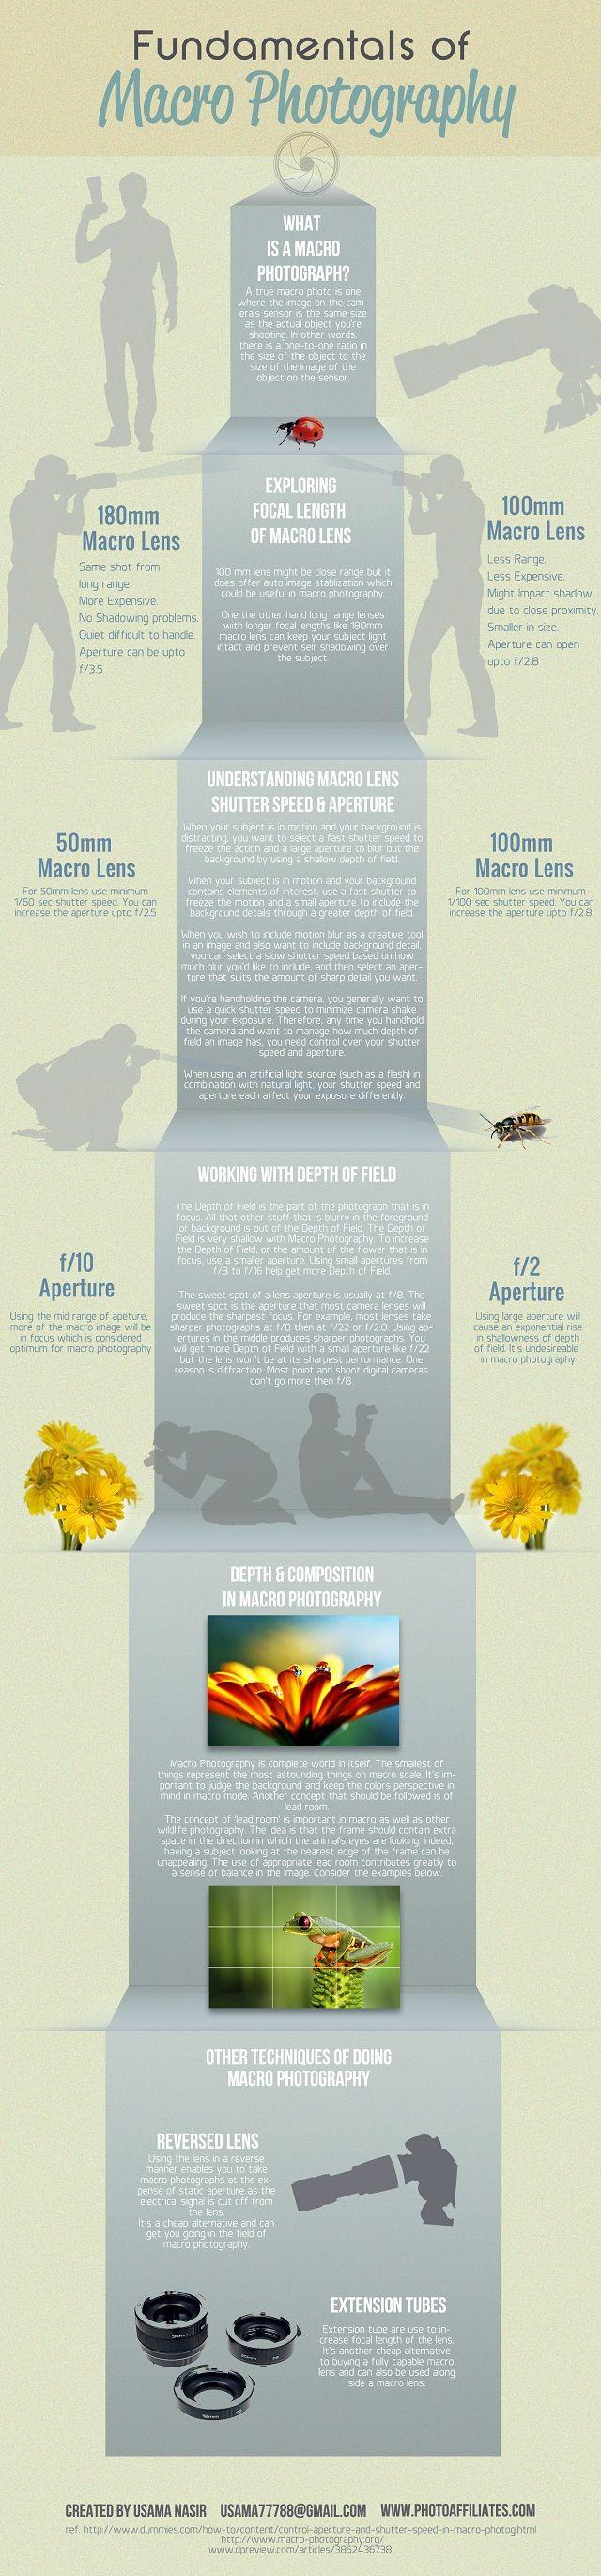 Hola: Una infografía sobre Aprende fotografía: Objetivos macro. Un saludo